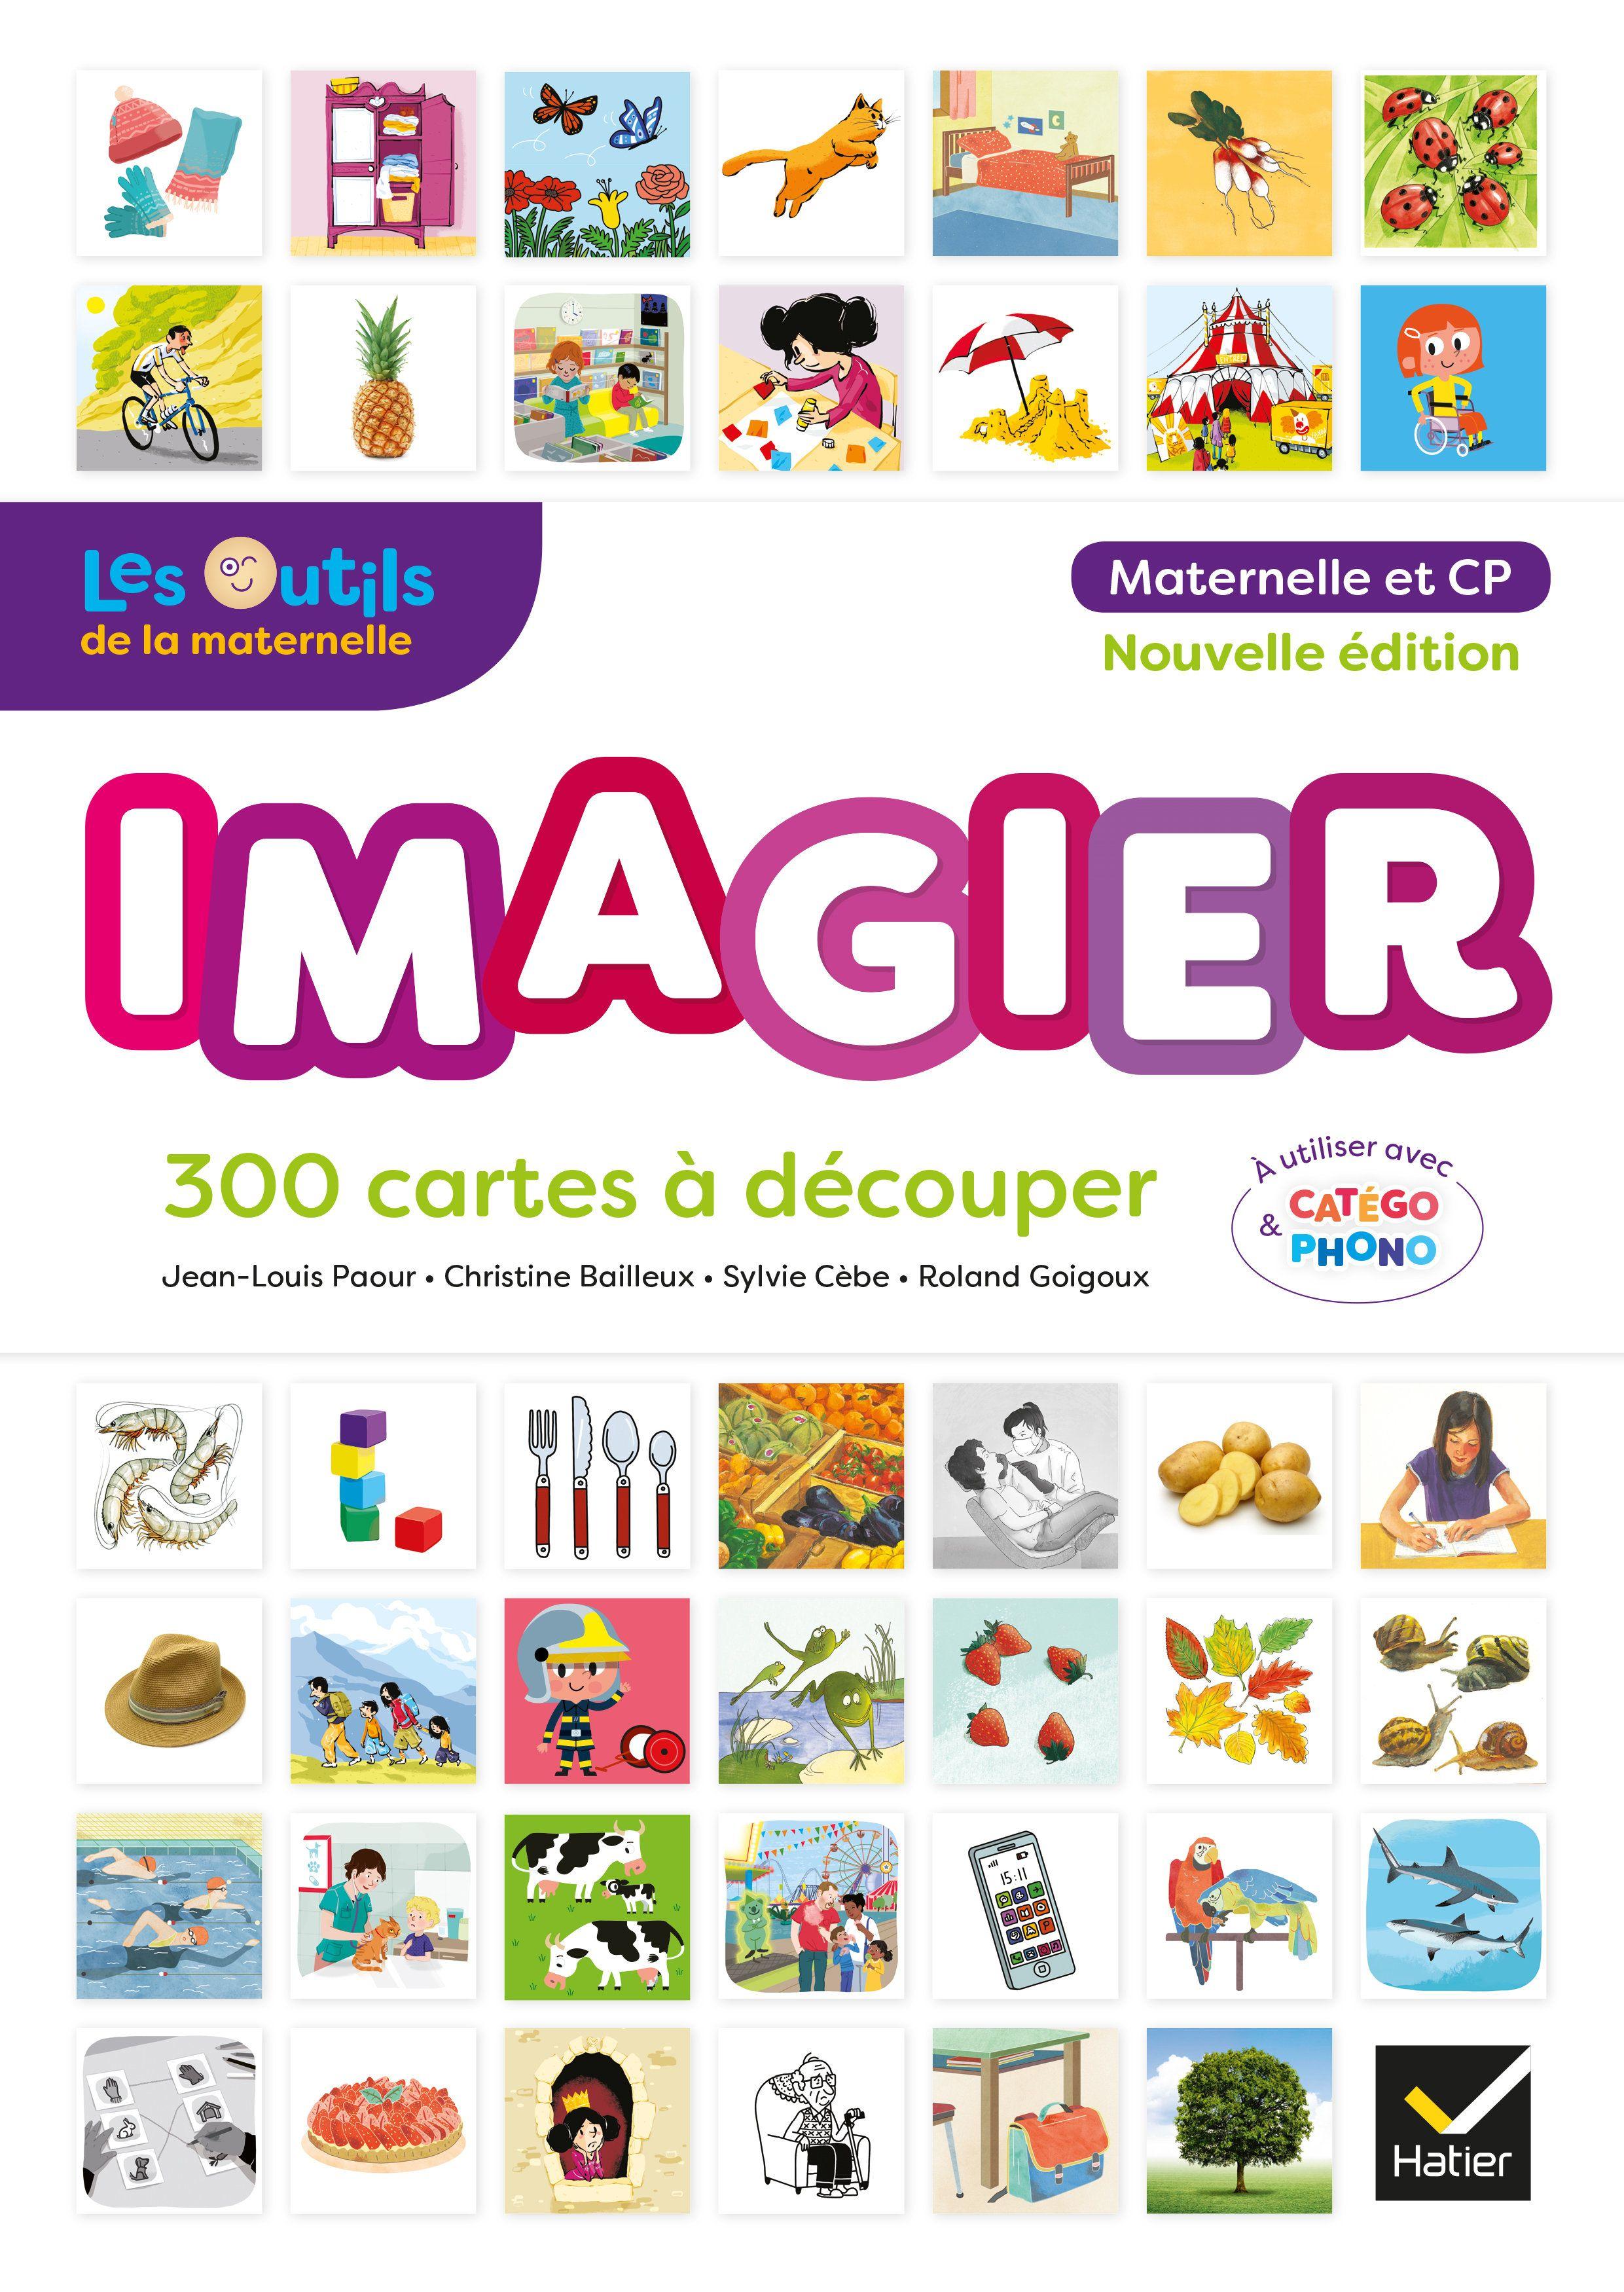 Epingle Par Editions Hatier Sur Maternelle Imagier Livres A Lire Livre Pdf